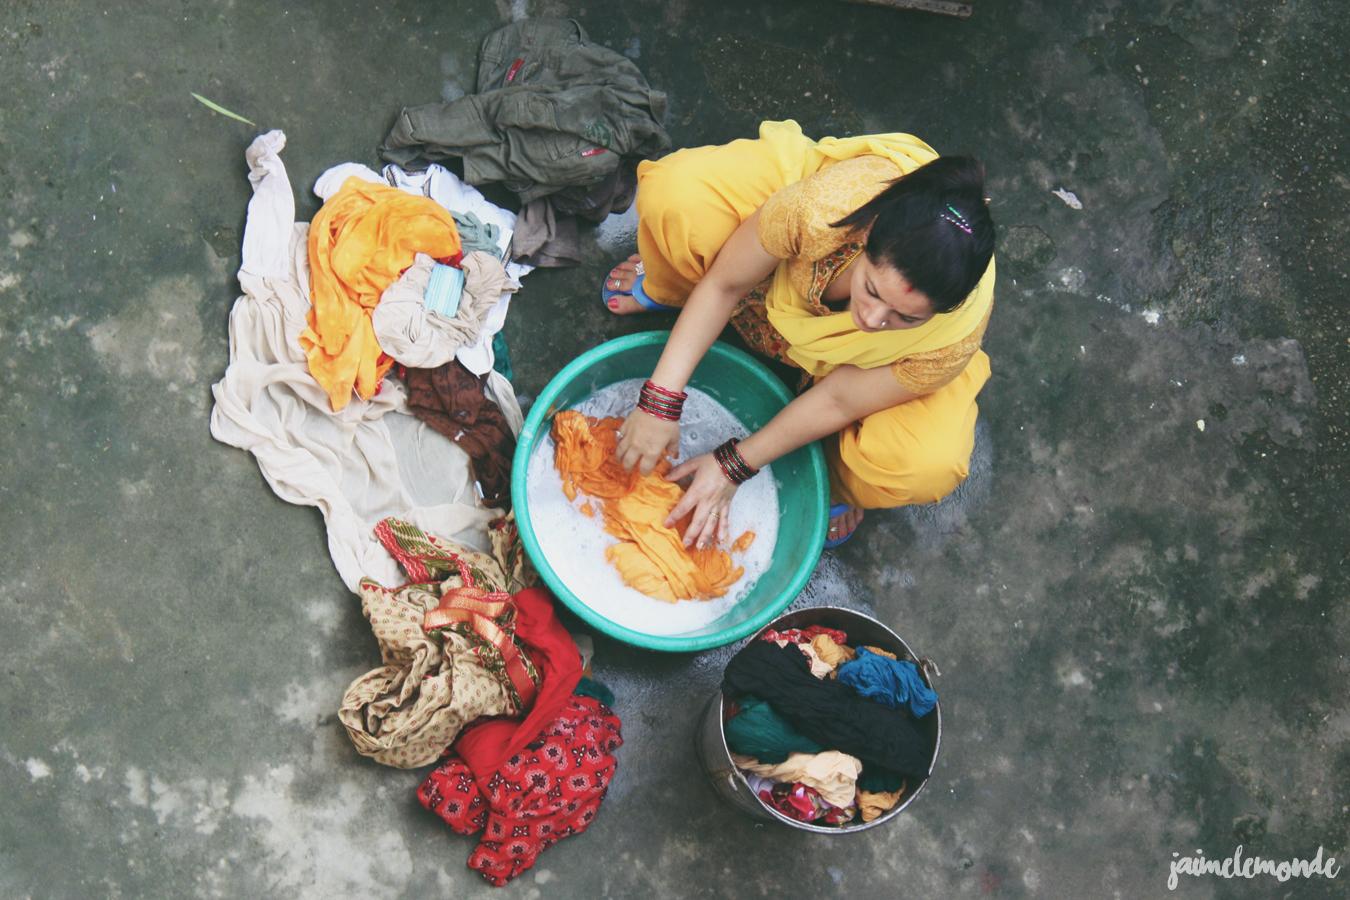 Blog voyage - 50 photos au Népal - ©jaimelemonde (26)